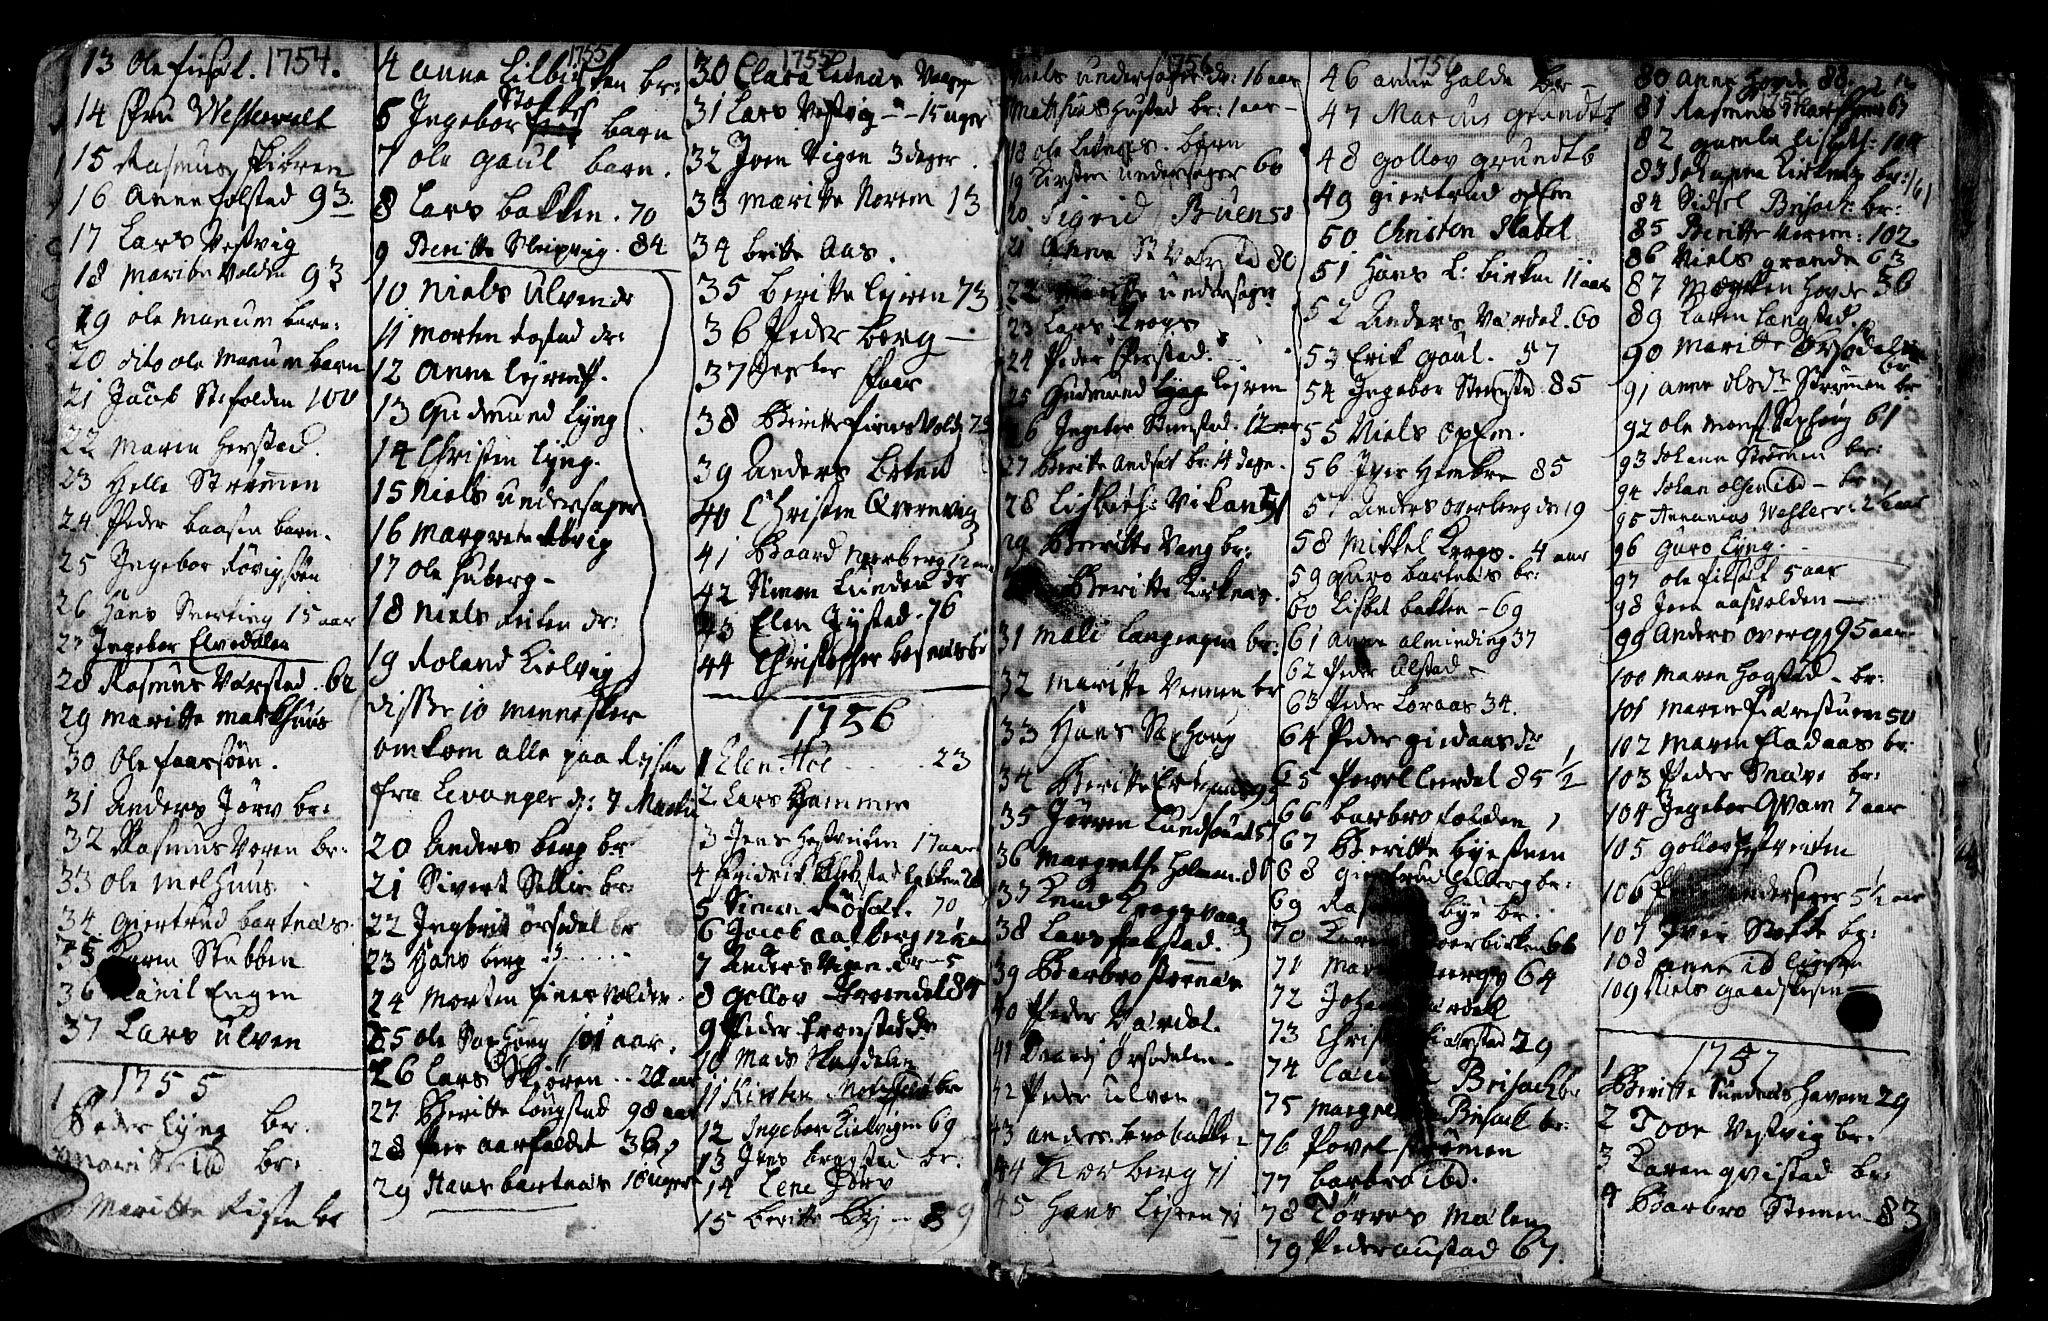 SAT, Ministerialprotokoller, klokkerbøker og fødselsregistre - Nord-Trøndelag, 730/L0272: Ministerialbok nr. 730A01, 1733-1764, s. 161